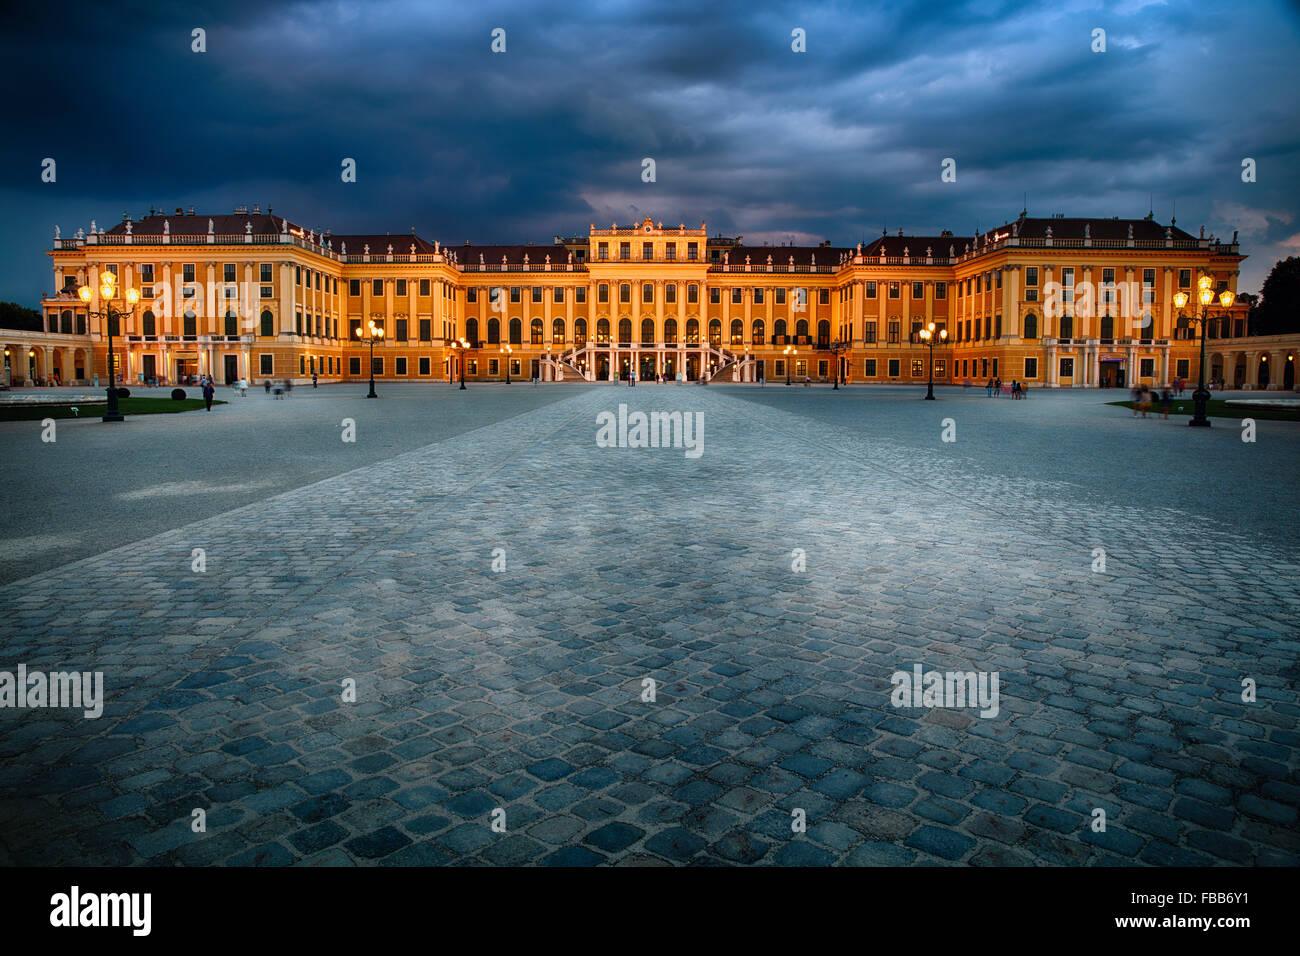 Niedrigen Winkel Ansicht eines barocken Palastes beleuchtet bei Nacht, Schloss Schönbrunn, Wien, Österreich Stockbild